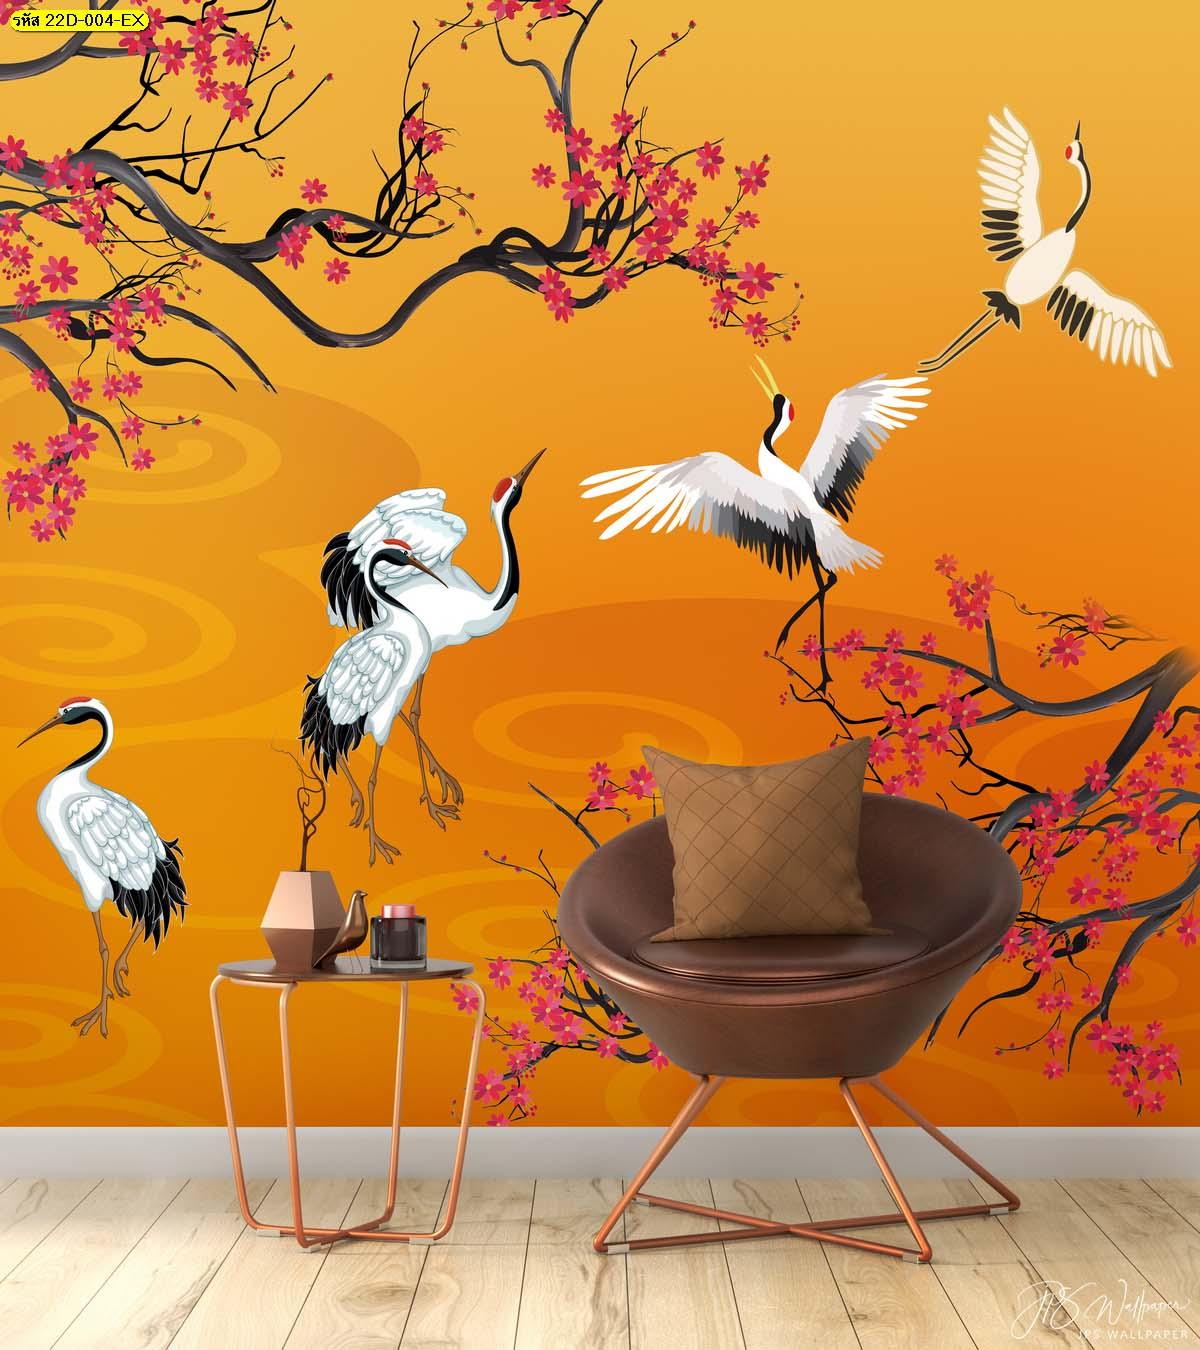 บรรยากาศห้องนั่งเล่นเรียบง่าย ตกแต่งภาพสั่งพิมพ์ติดผนังสวยๆ เสริมฮวงจุ้ย